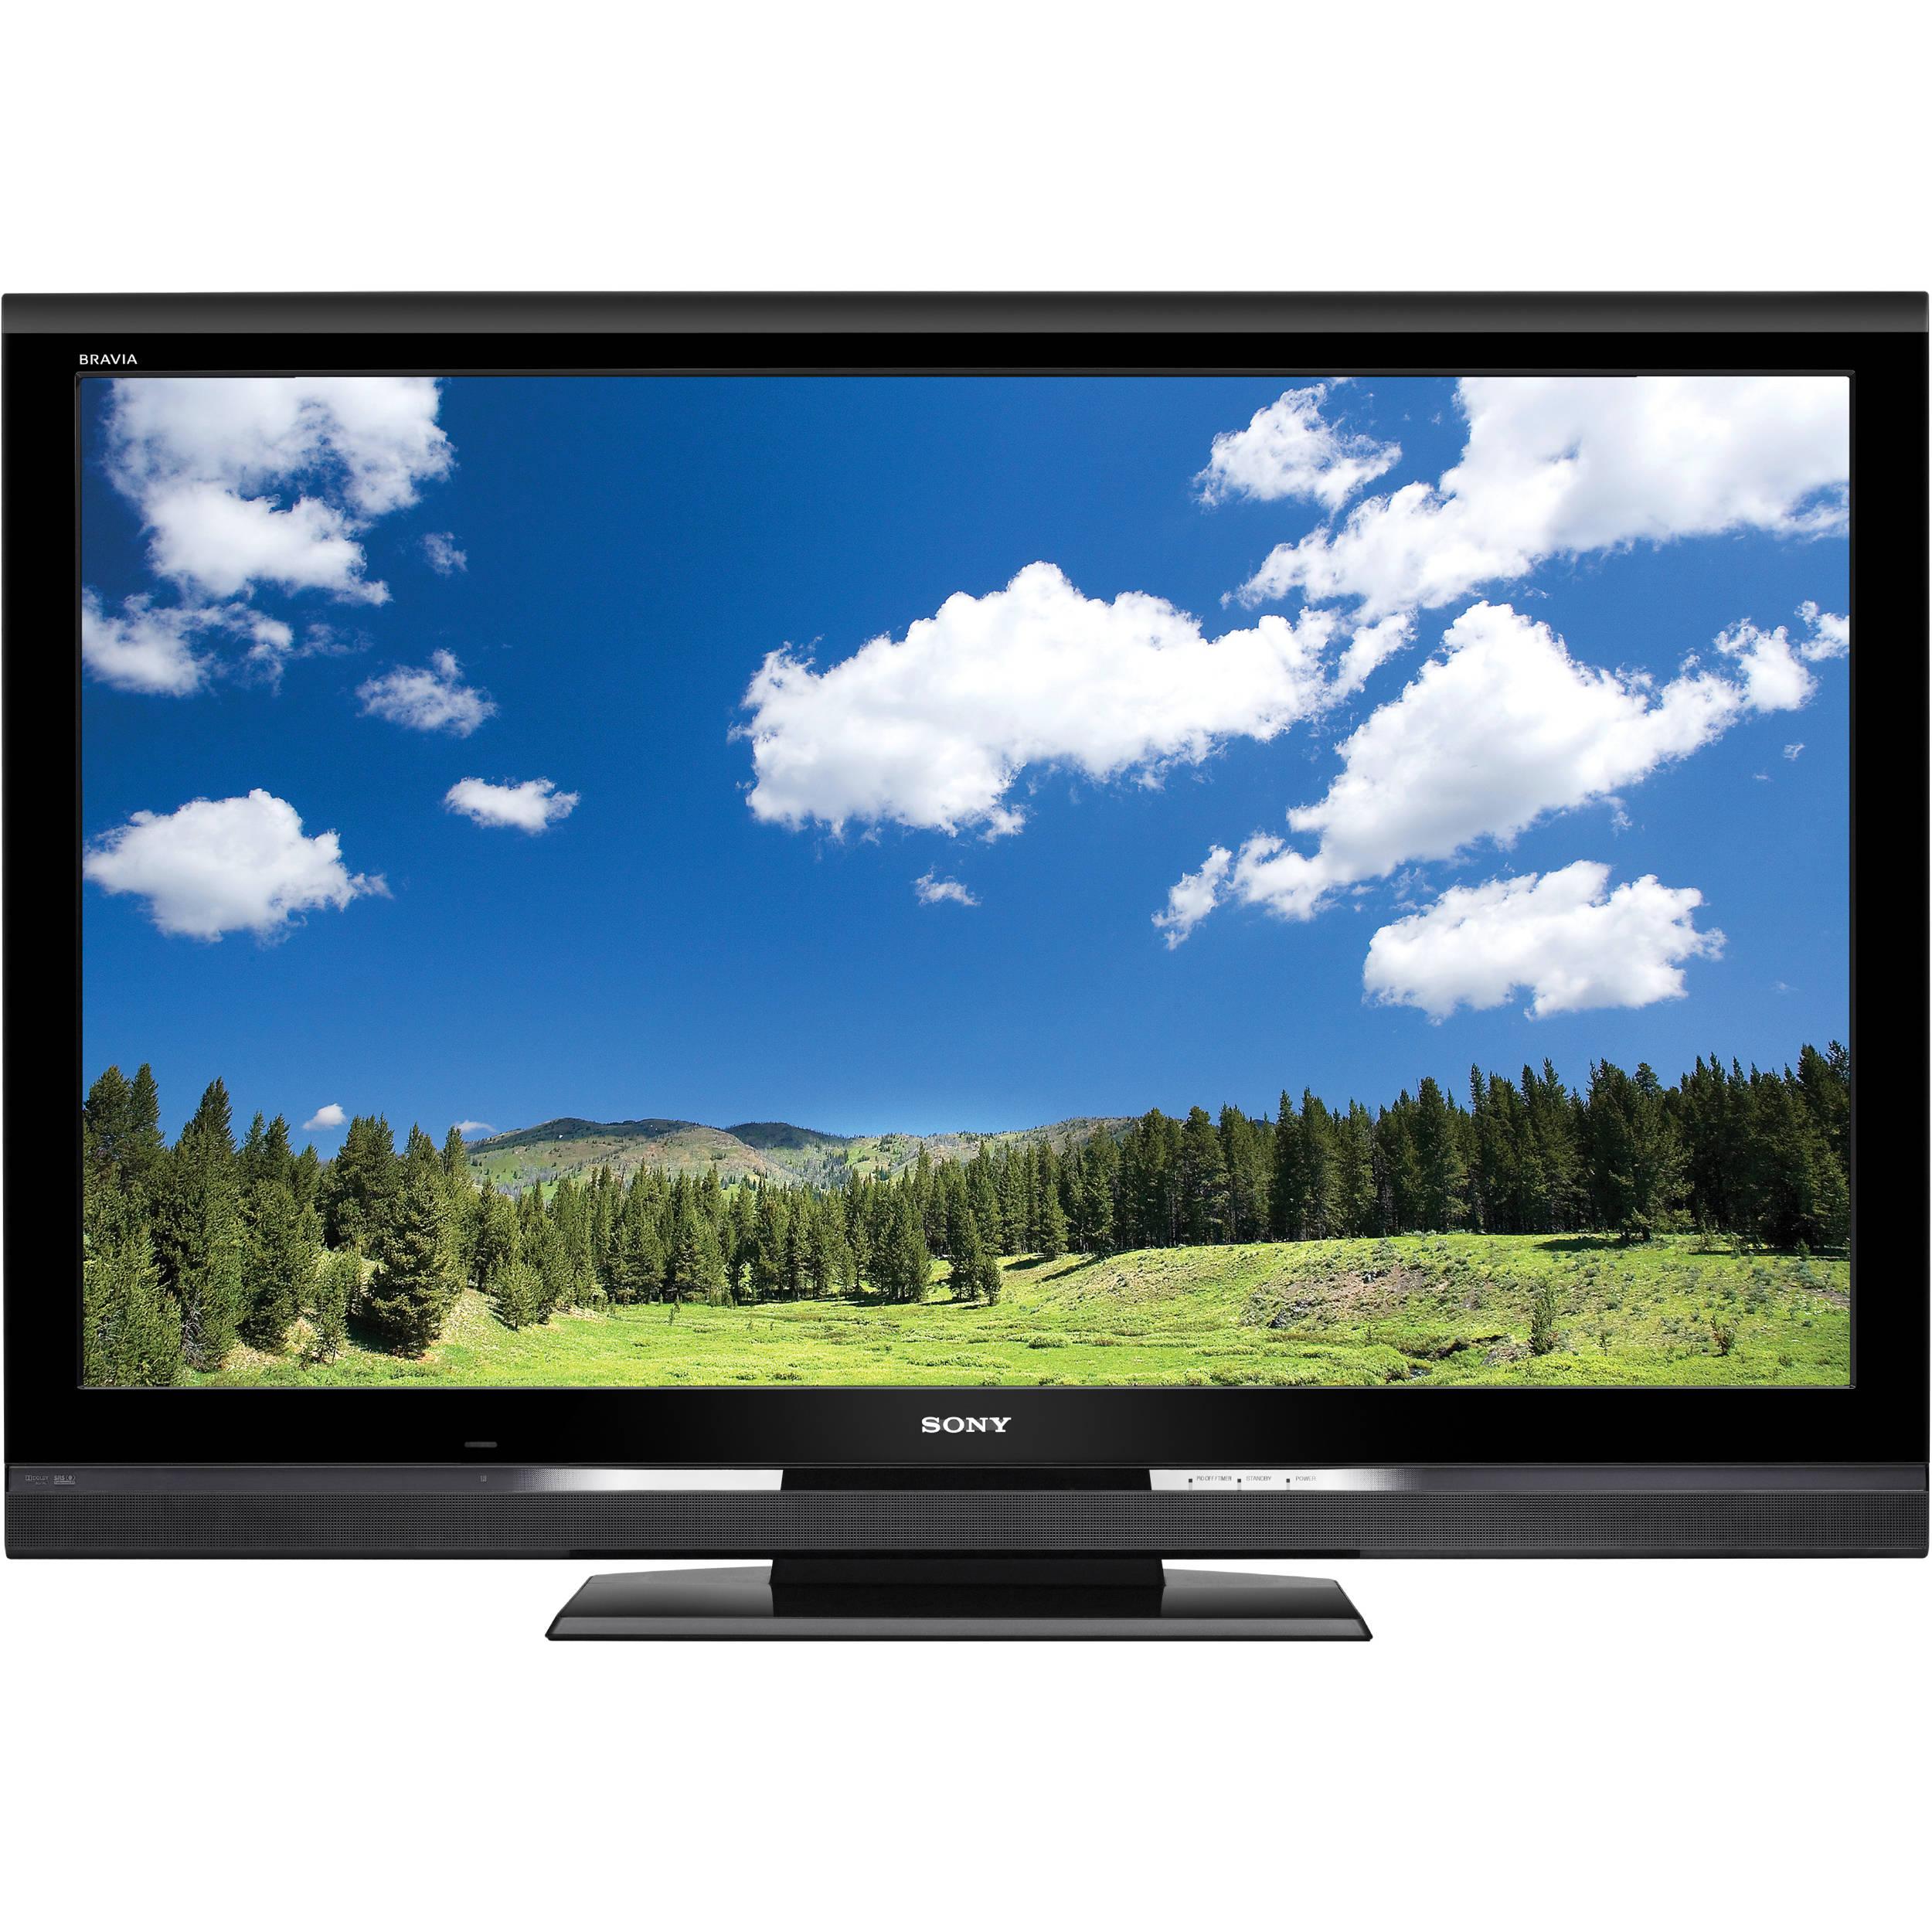 Sony Bravia LCD TV, 46'', Smart TV, + Fire TV Stick, Fernseher in Mitte -  Hamburg Wilhelmsburg   Fernseher gebraucht kaufen   eBay Kleinanzeigen   2500x2500